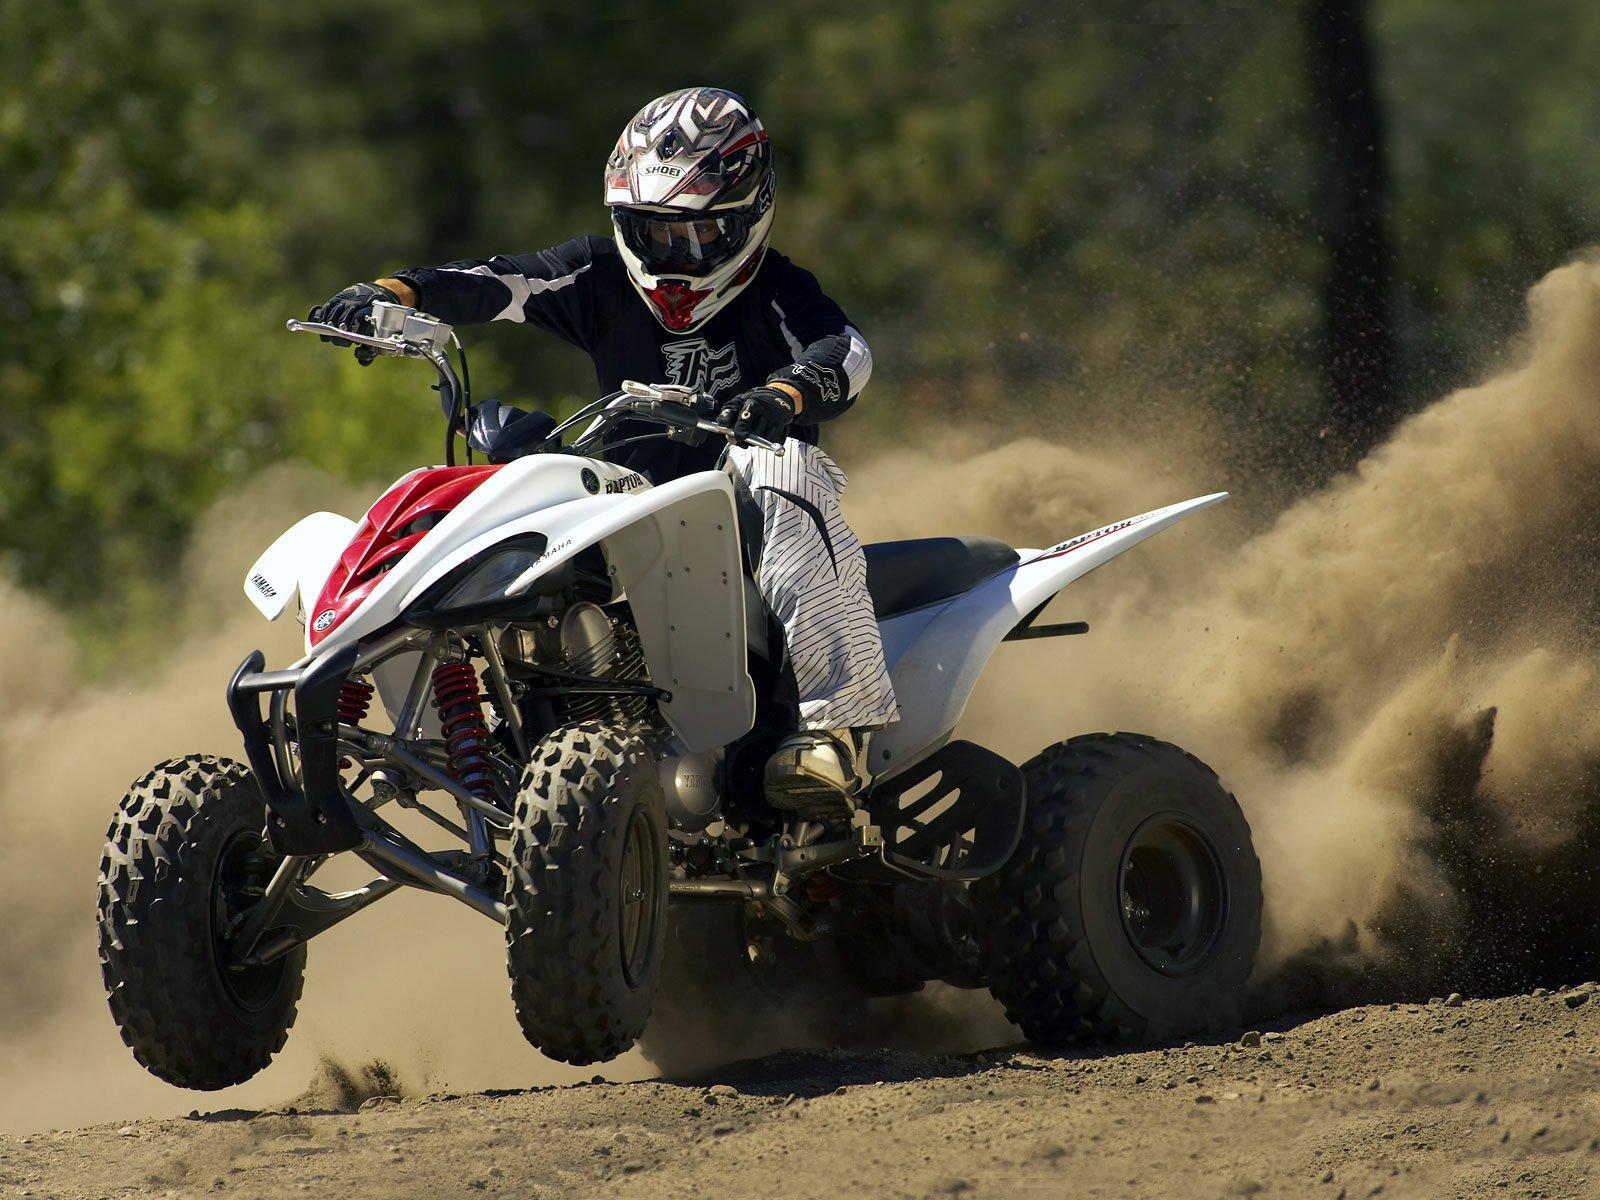 2010 YAMAHA Raptor 350 ATV Wallpapers 1600x1200